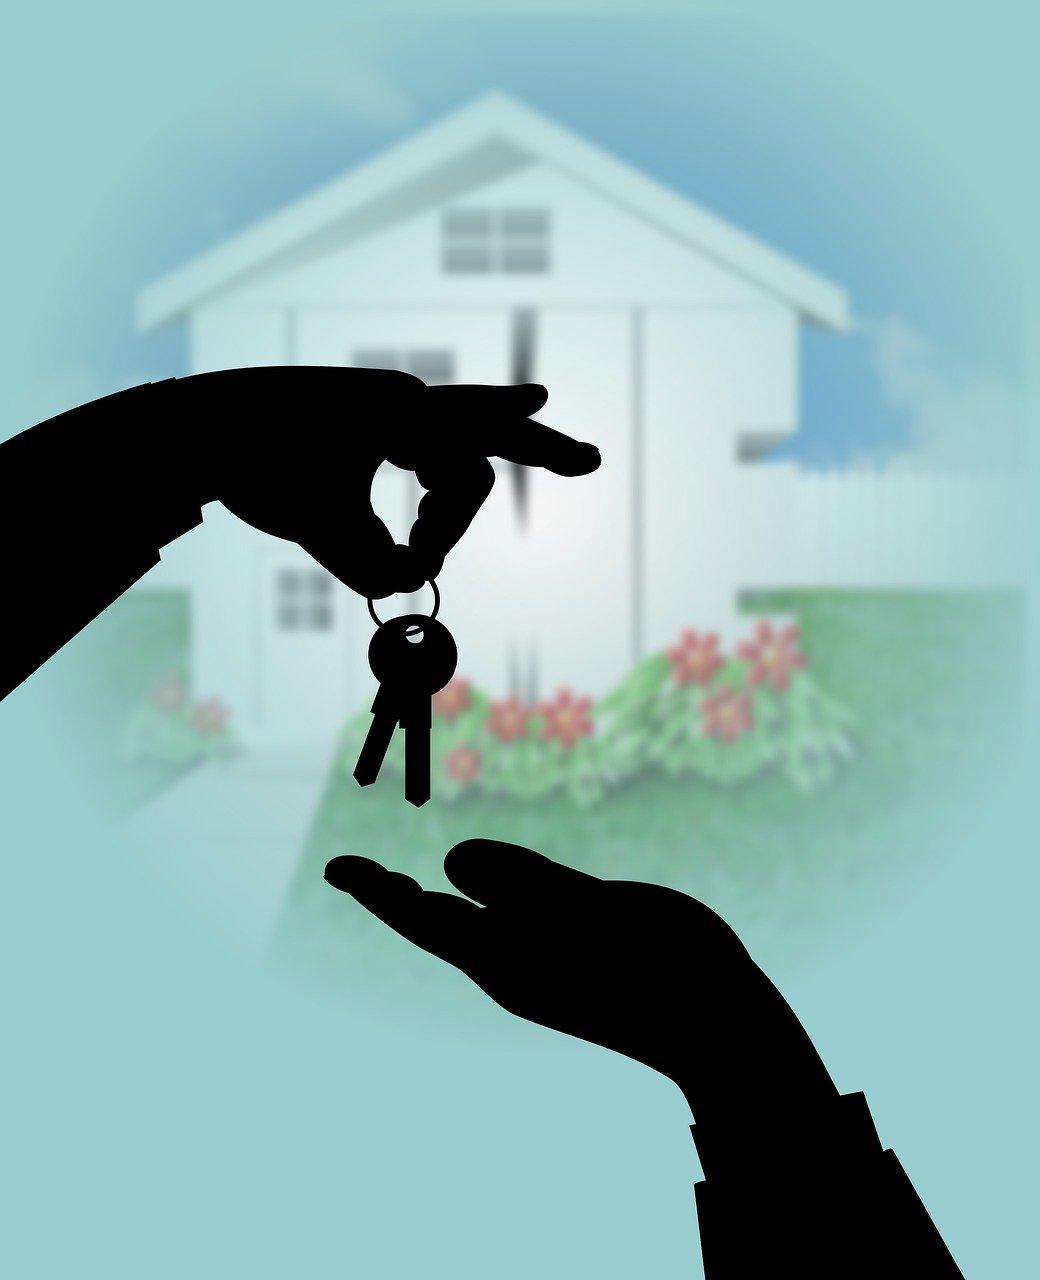 acheter une maison sans cash down